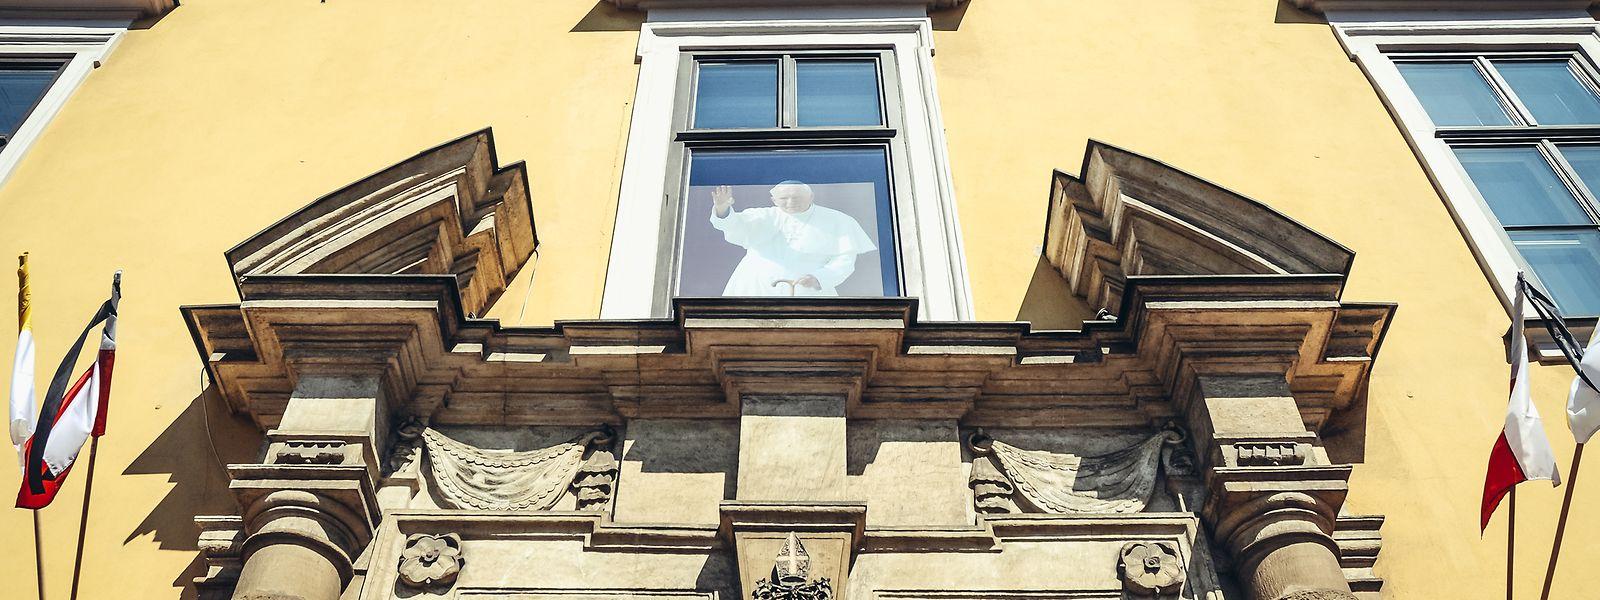 Ausgangspunkt der Tour ist der Bischofspalast, wo einst der spätere Papst residierte.